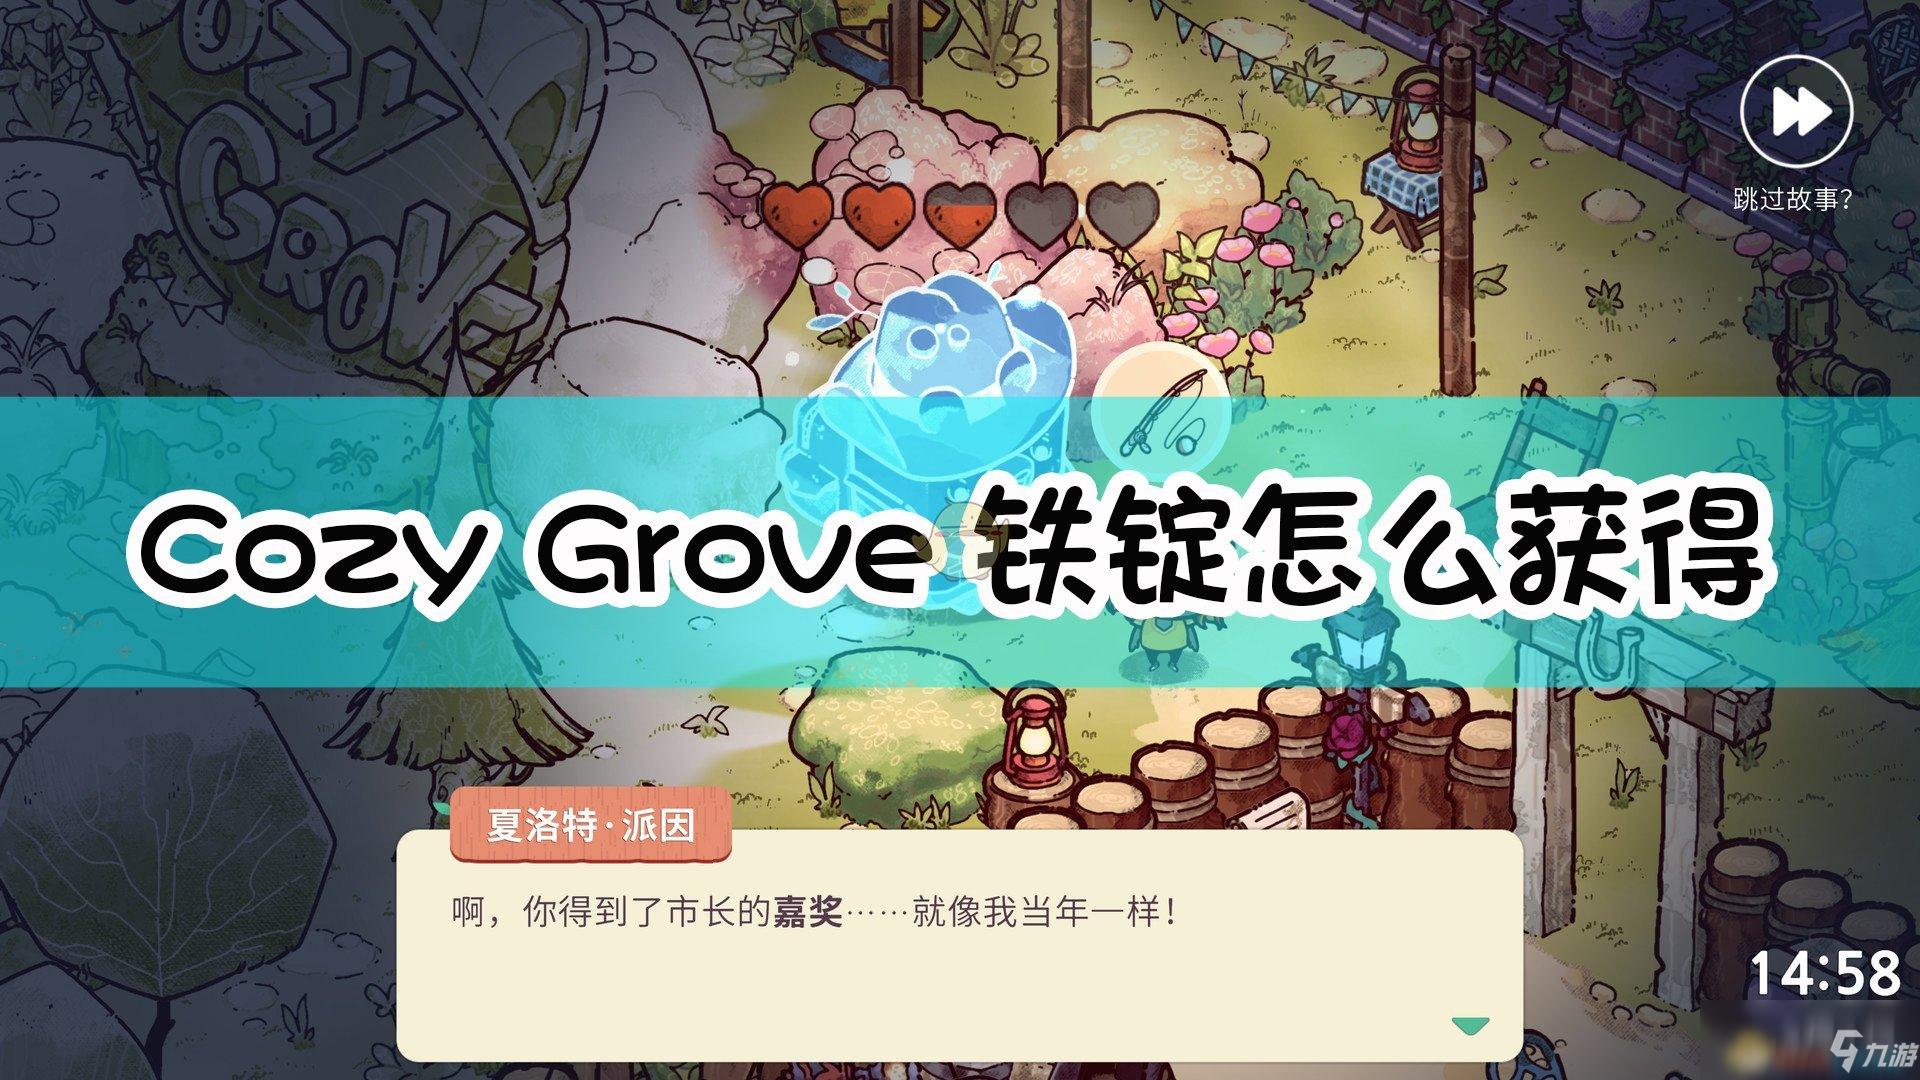 《Cozy Grove》铁锭获取方法介绍